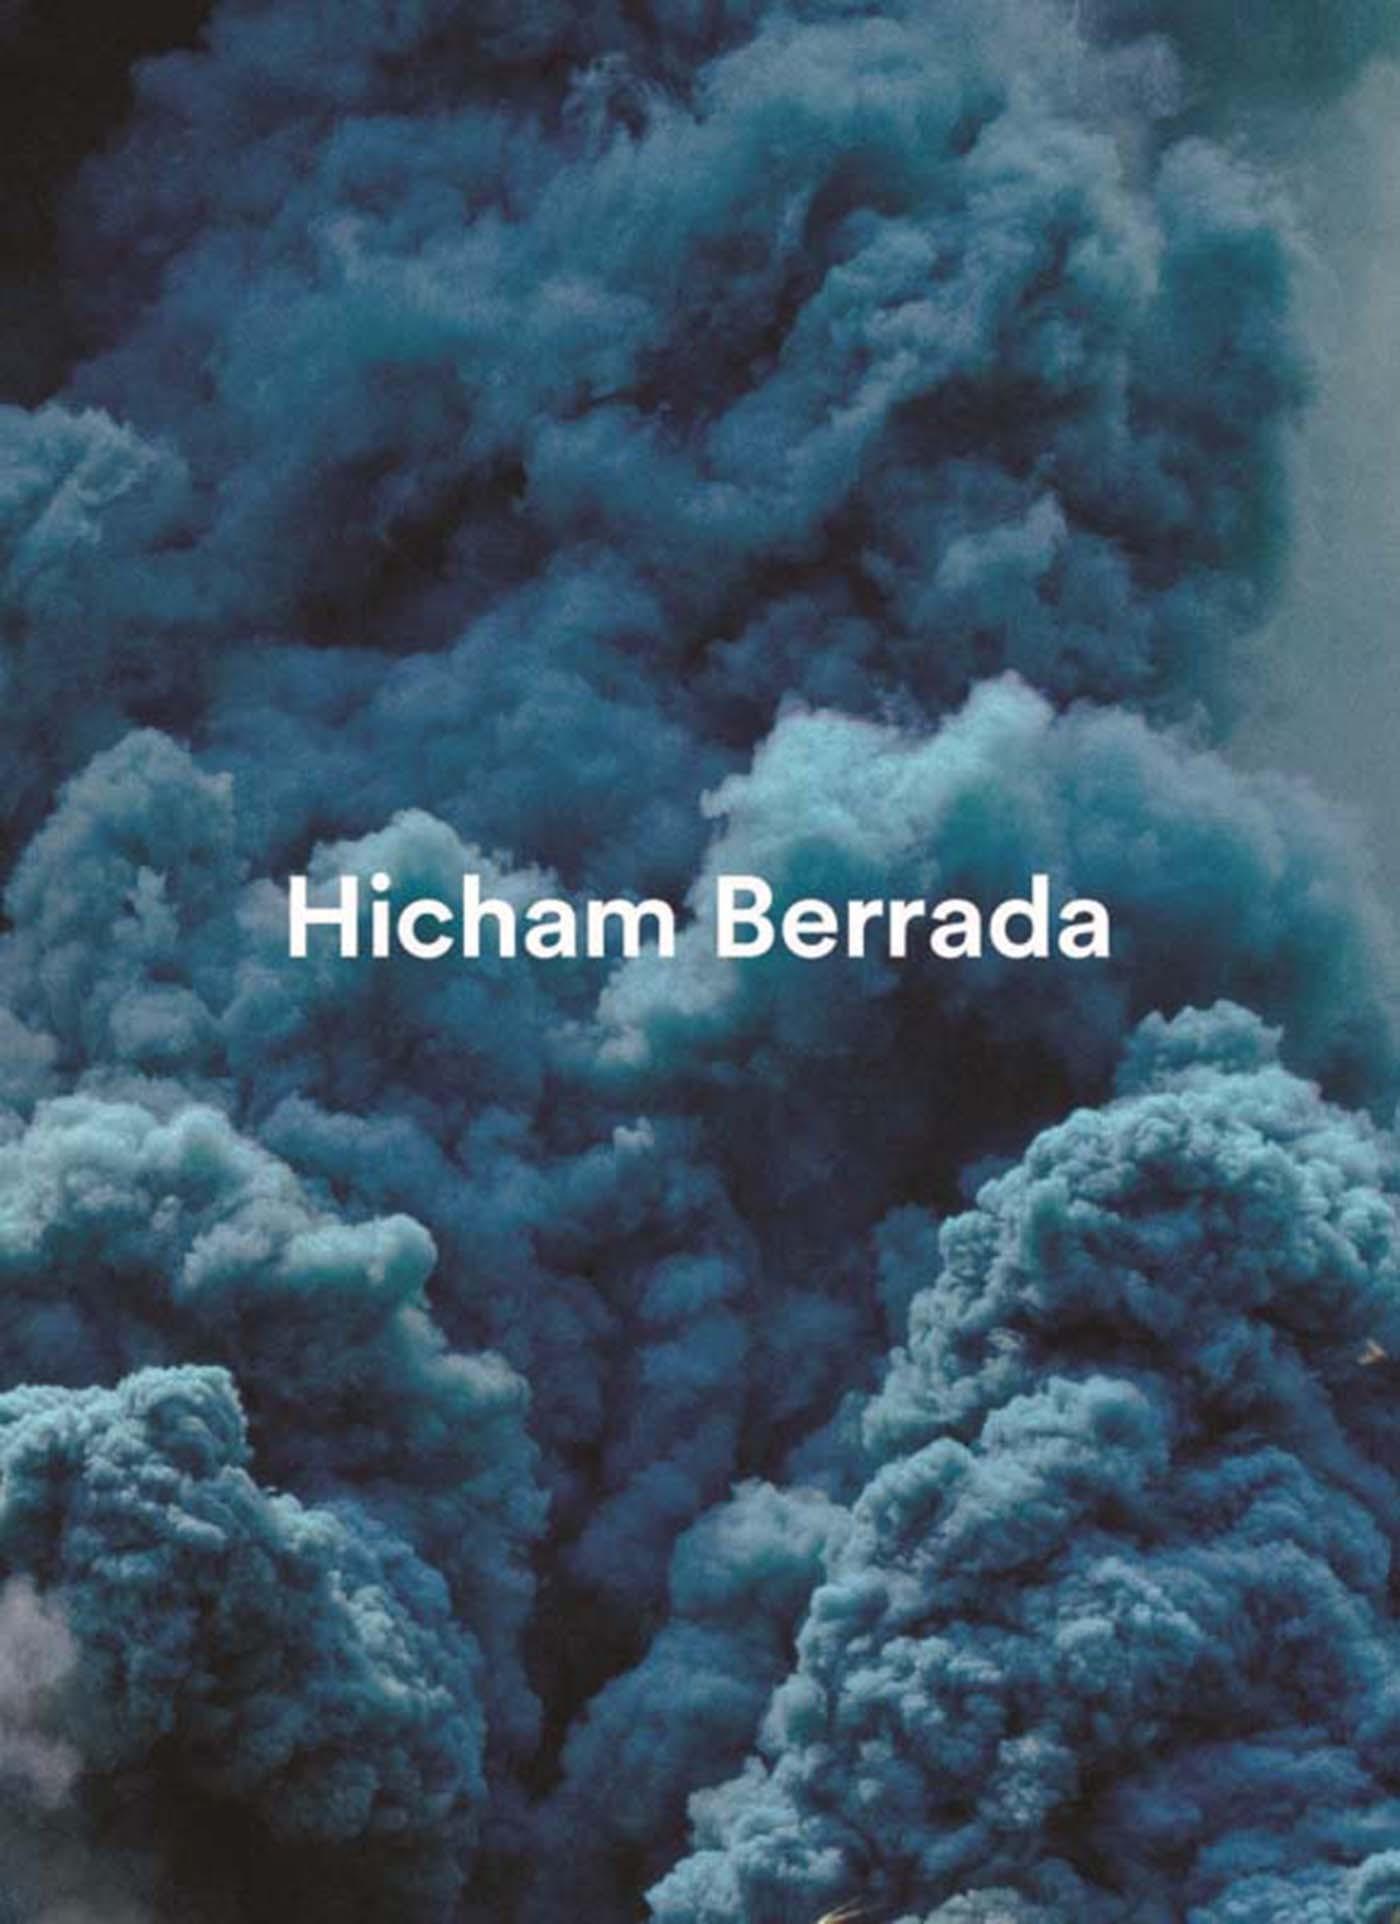 HICHAM BERRADA